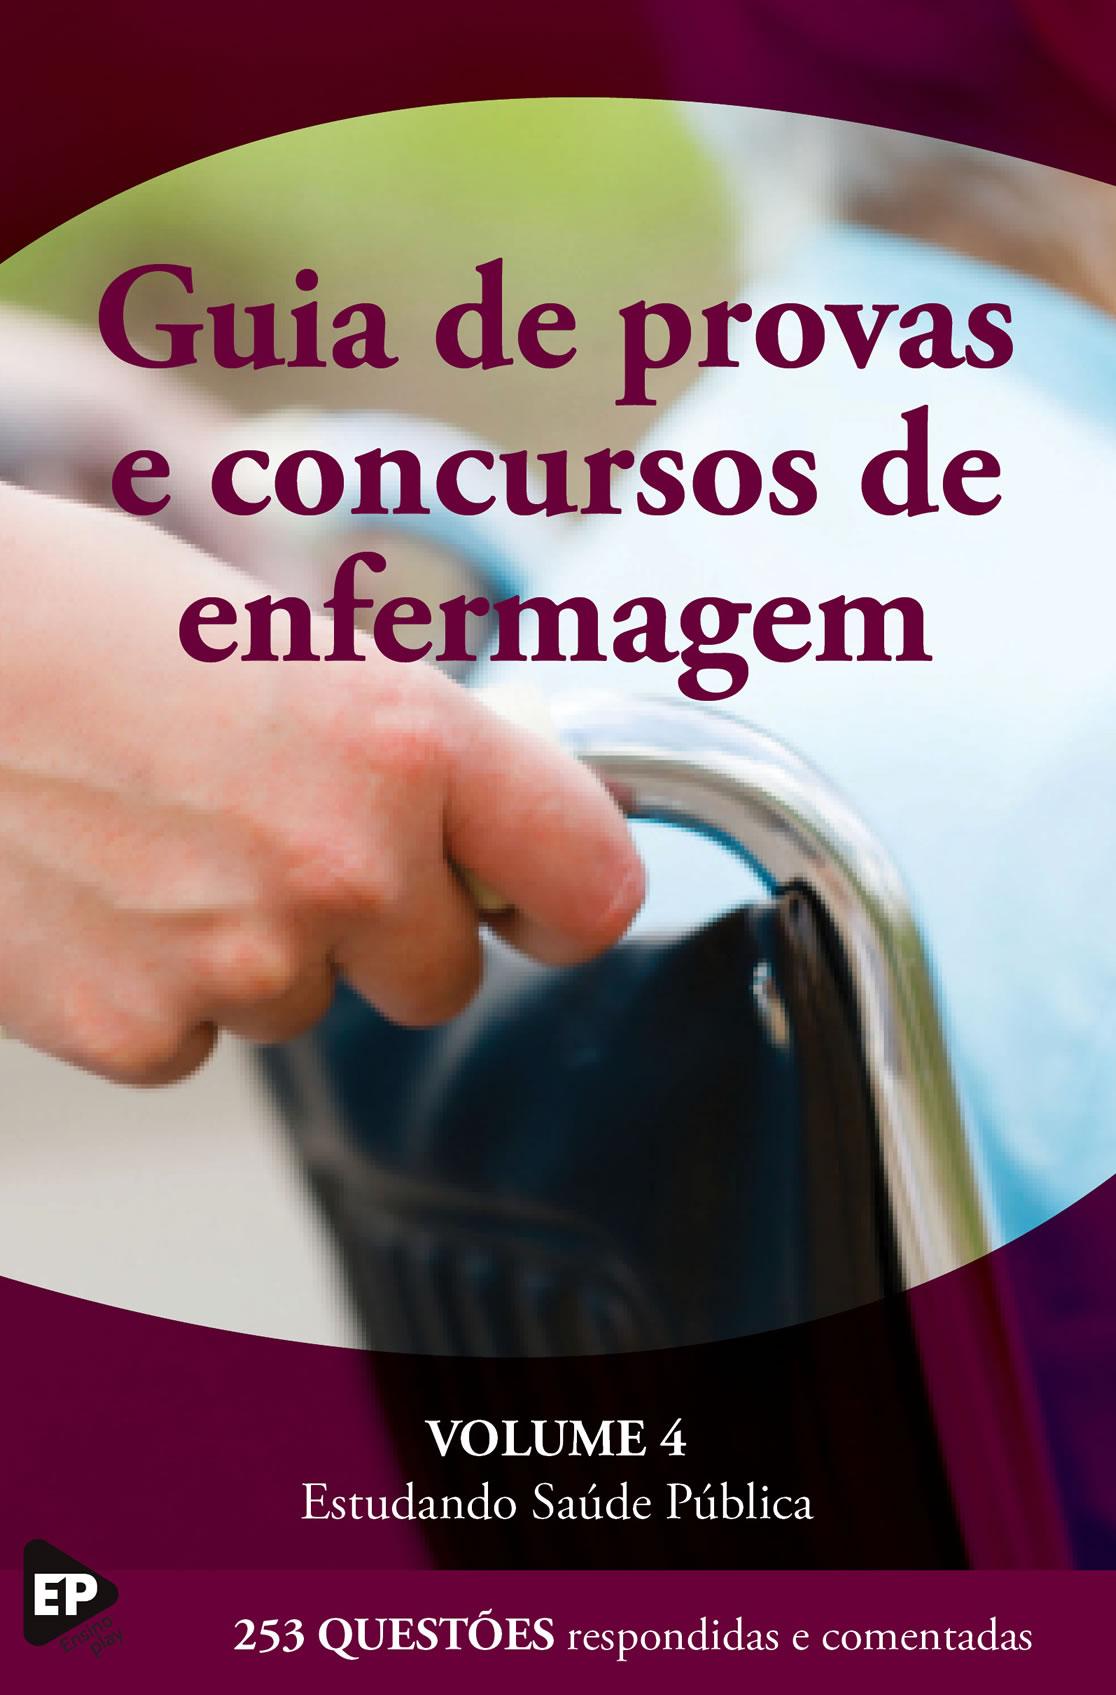 Guia de Provas e Concursos de Enfermagem V.4